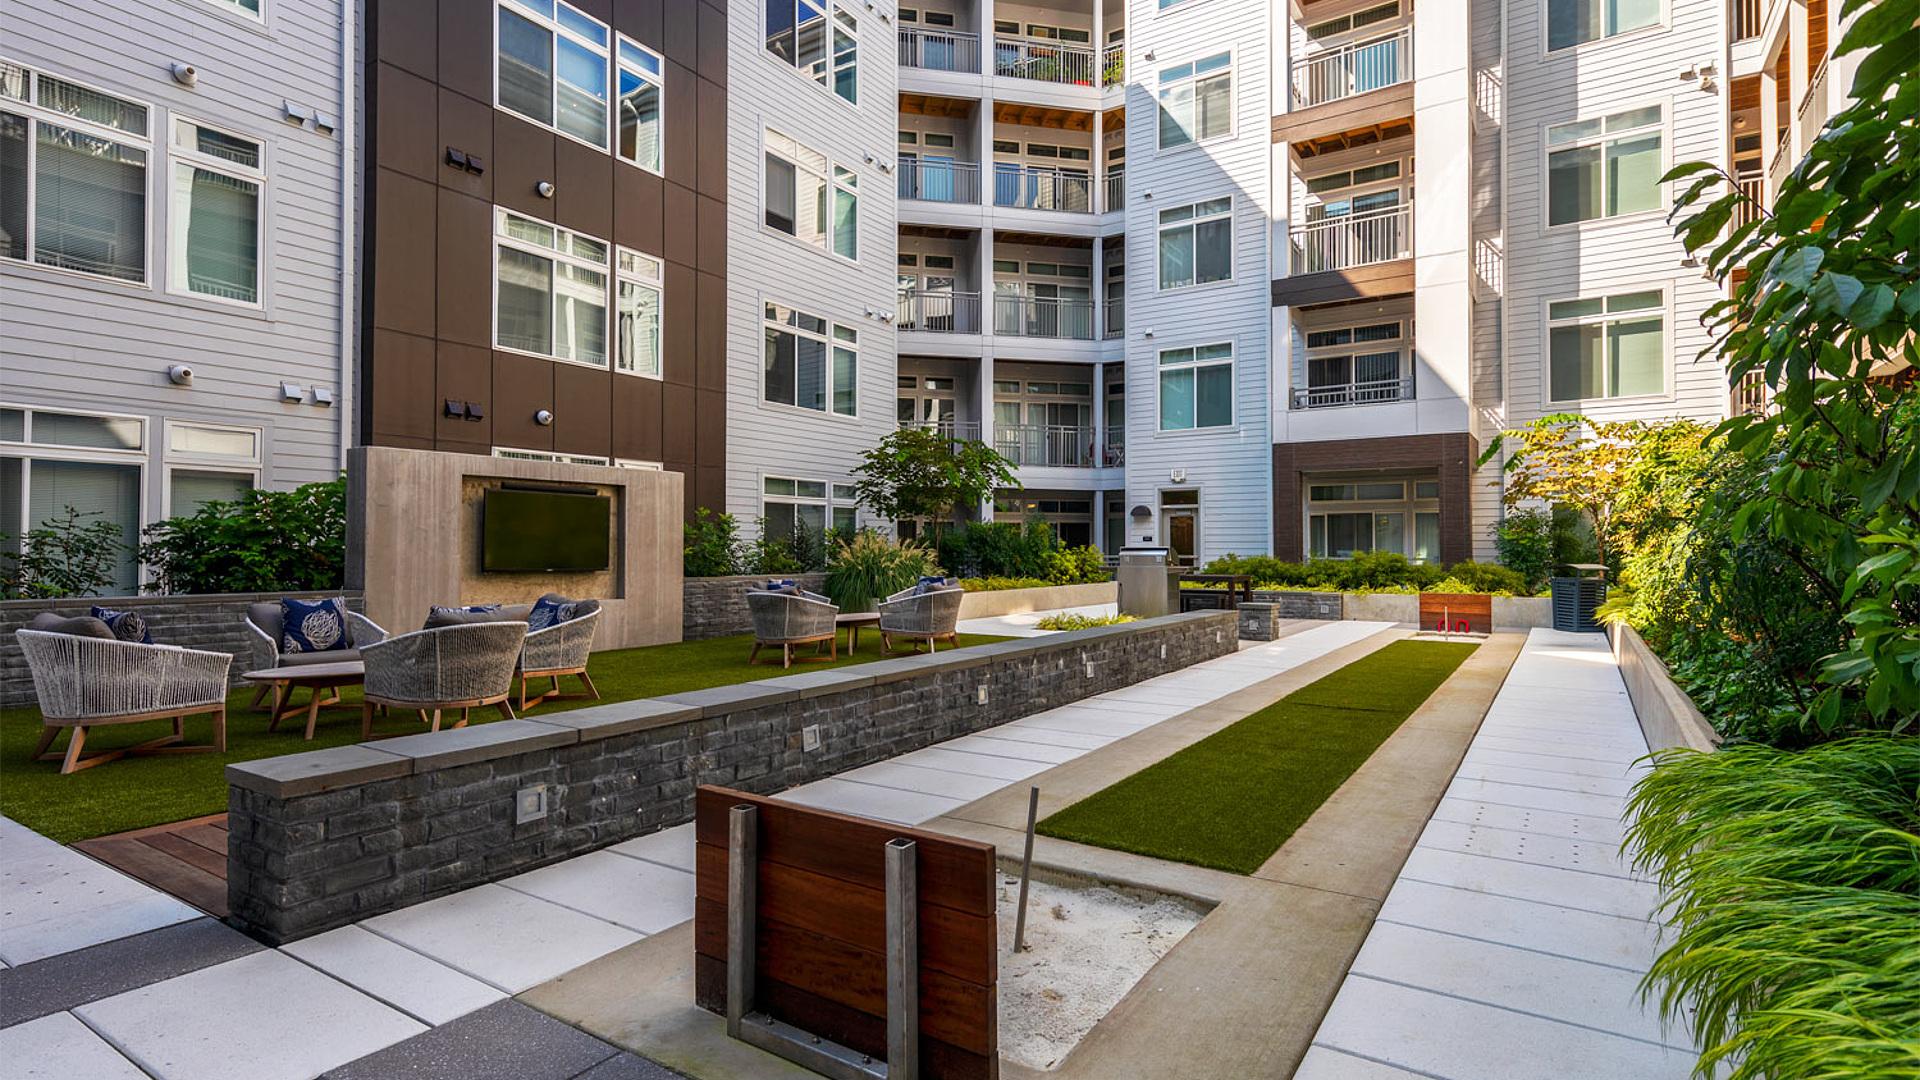 Apartment Gallery Apartments For Rent In Reston Va Aperture